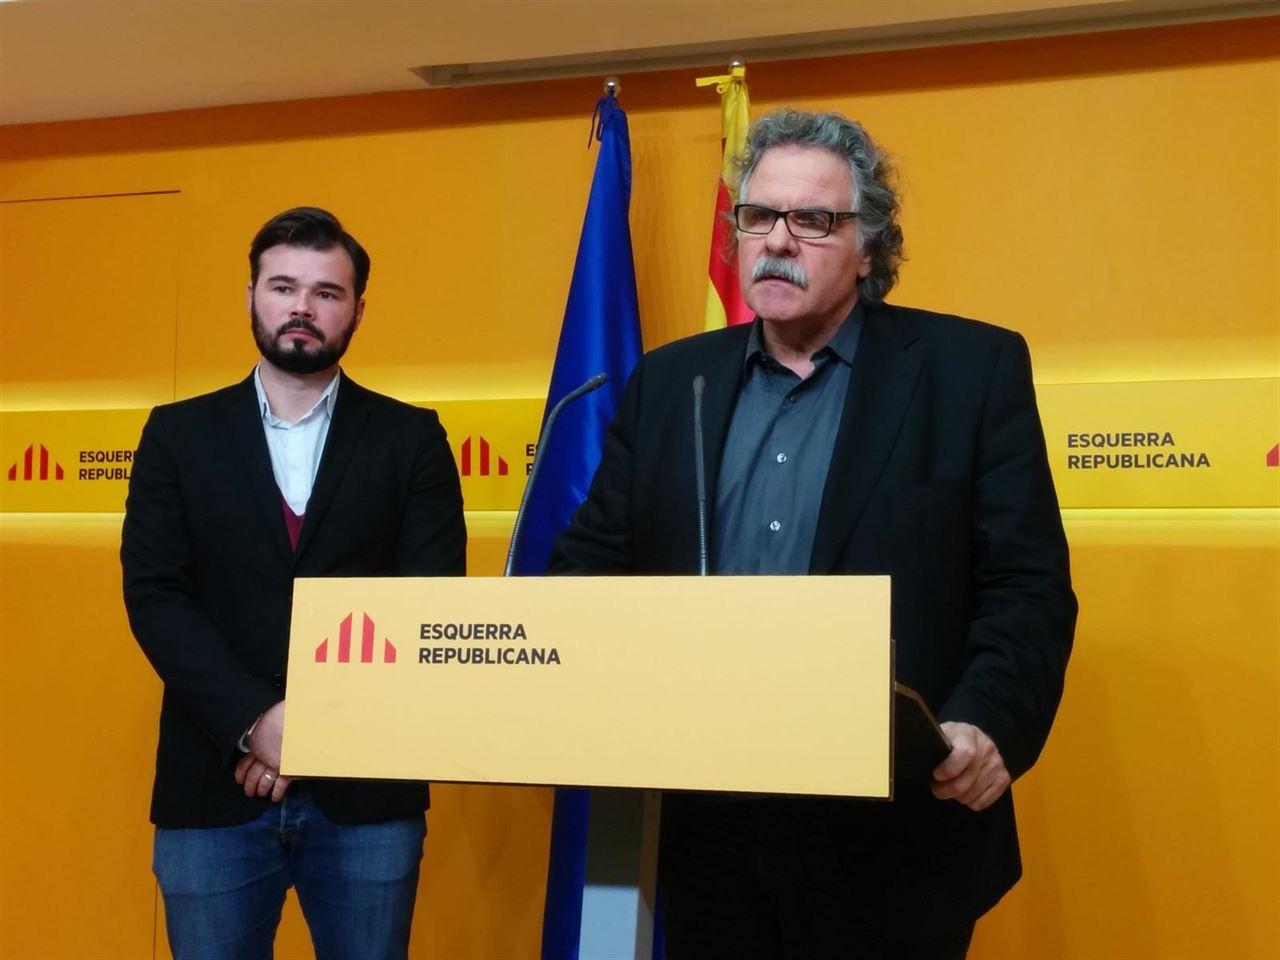 El PSOE excluye a los separatistas catalanes de las negociaciones y ellos exigen respeto a los catalanes